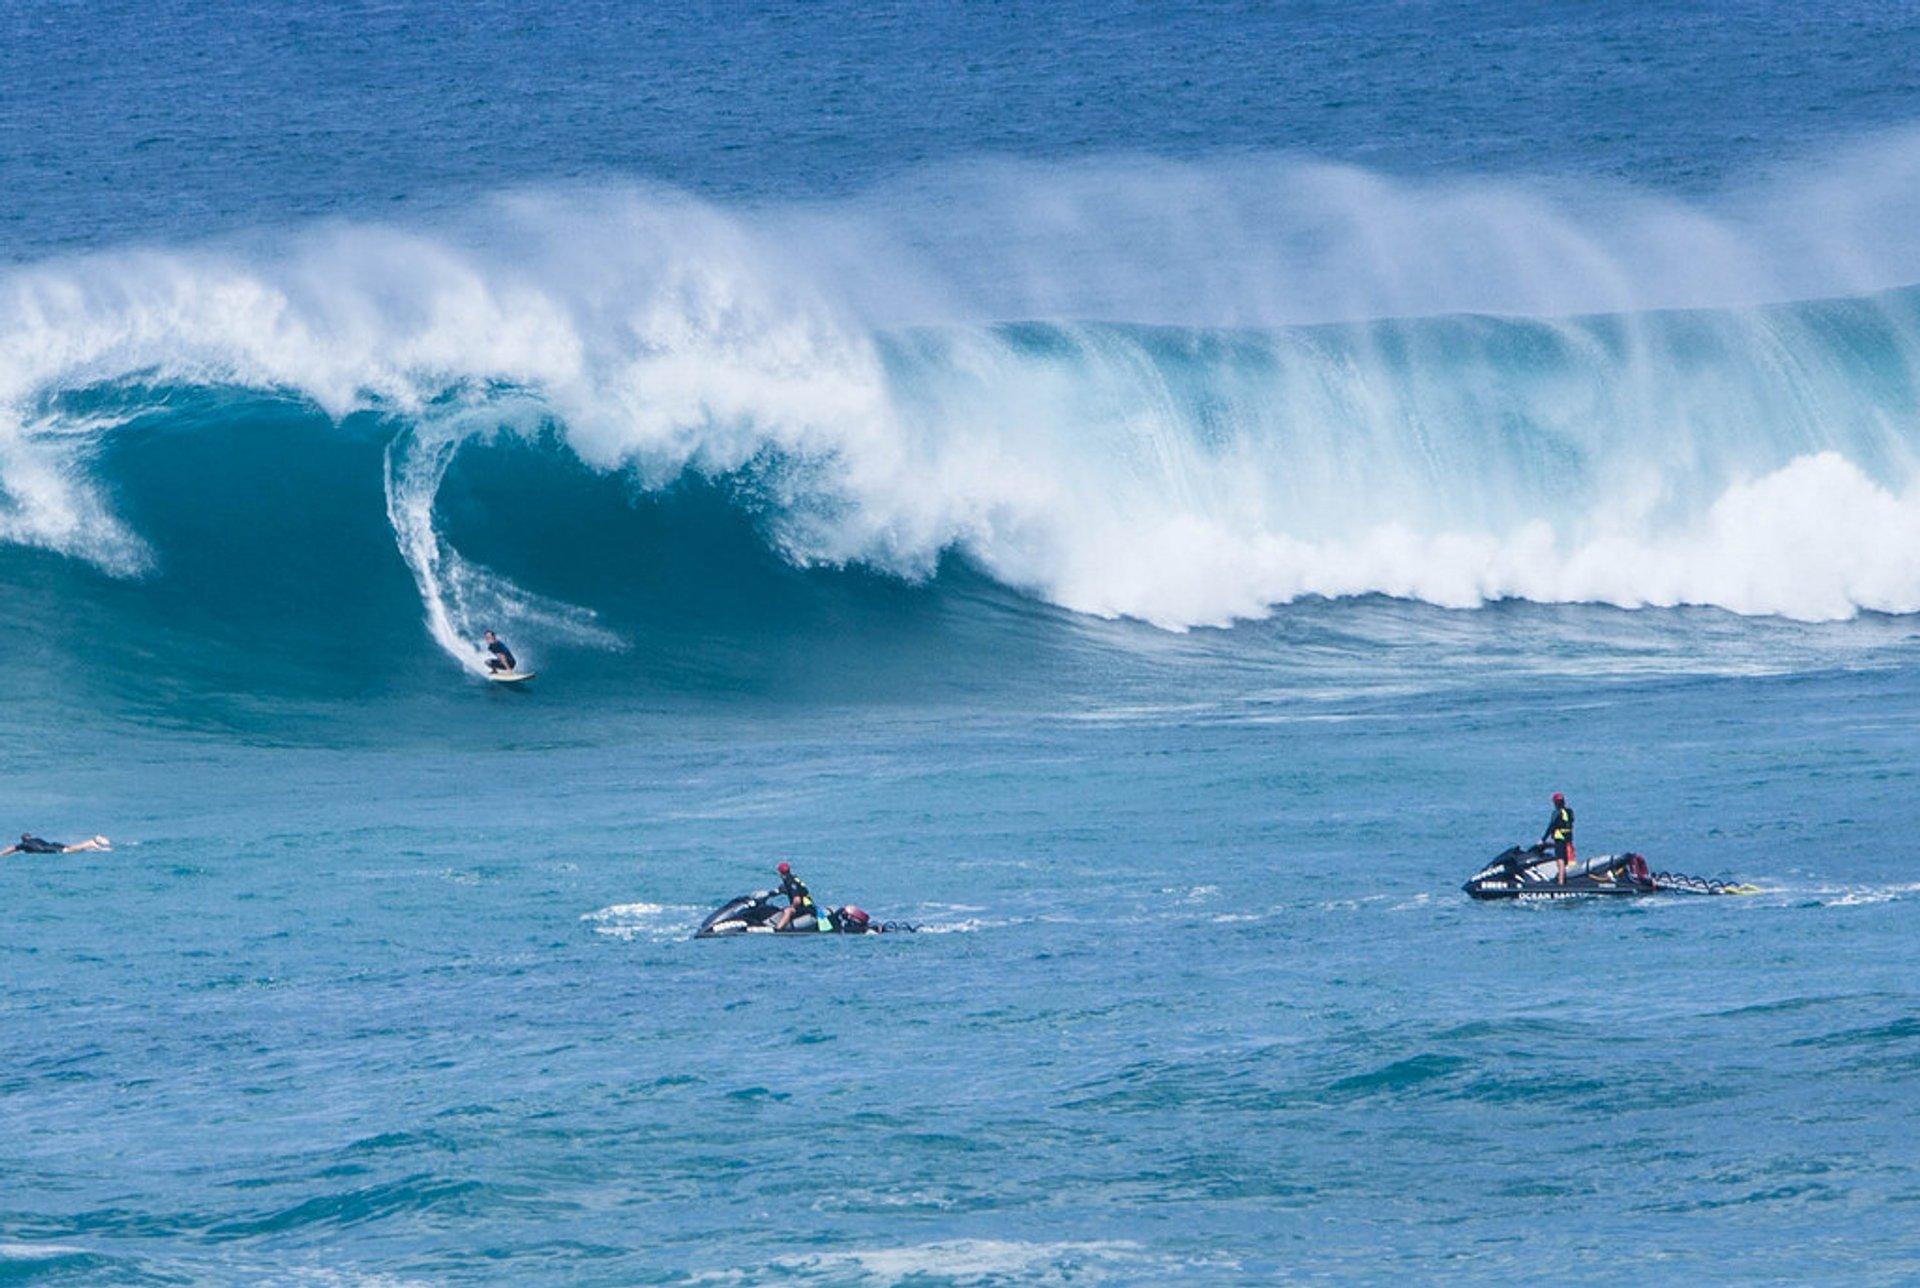 Winter Surf Season in Hawaii - Best Season 2020